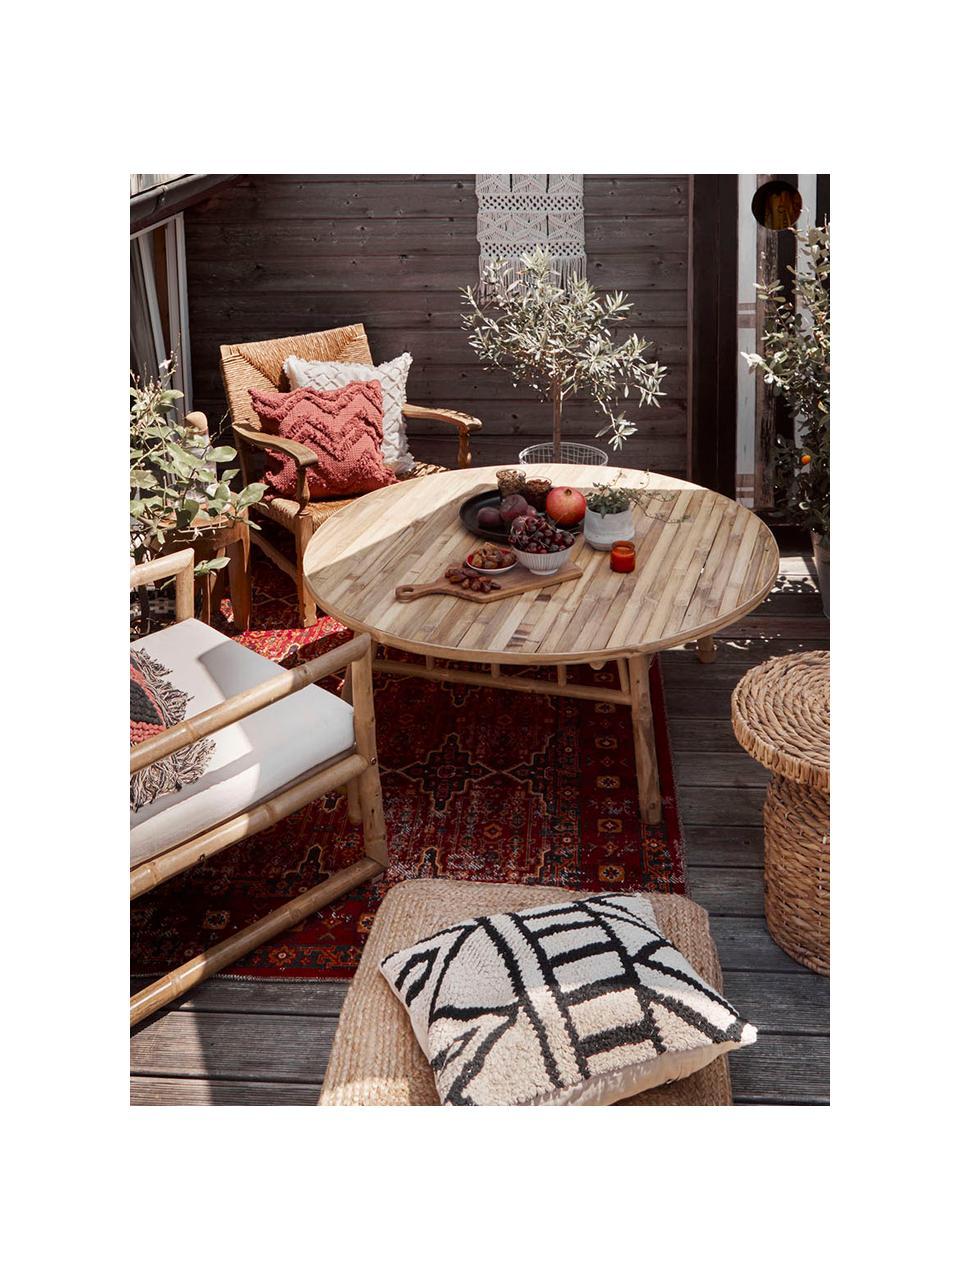 Dywan wewnętrzny/zewnętrzny w stylu orient Tilas Istanbul, 100% polipropylen, Ciemny czerwony, musztardowy, khaki, S 160 x D 230 cm (Rozmiar M)